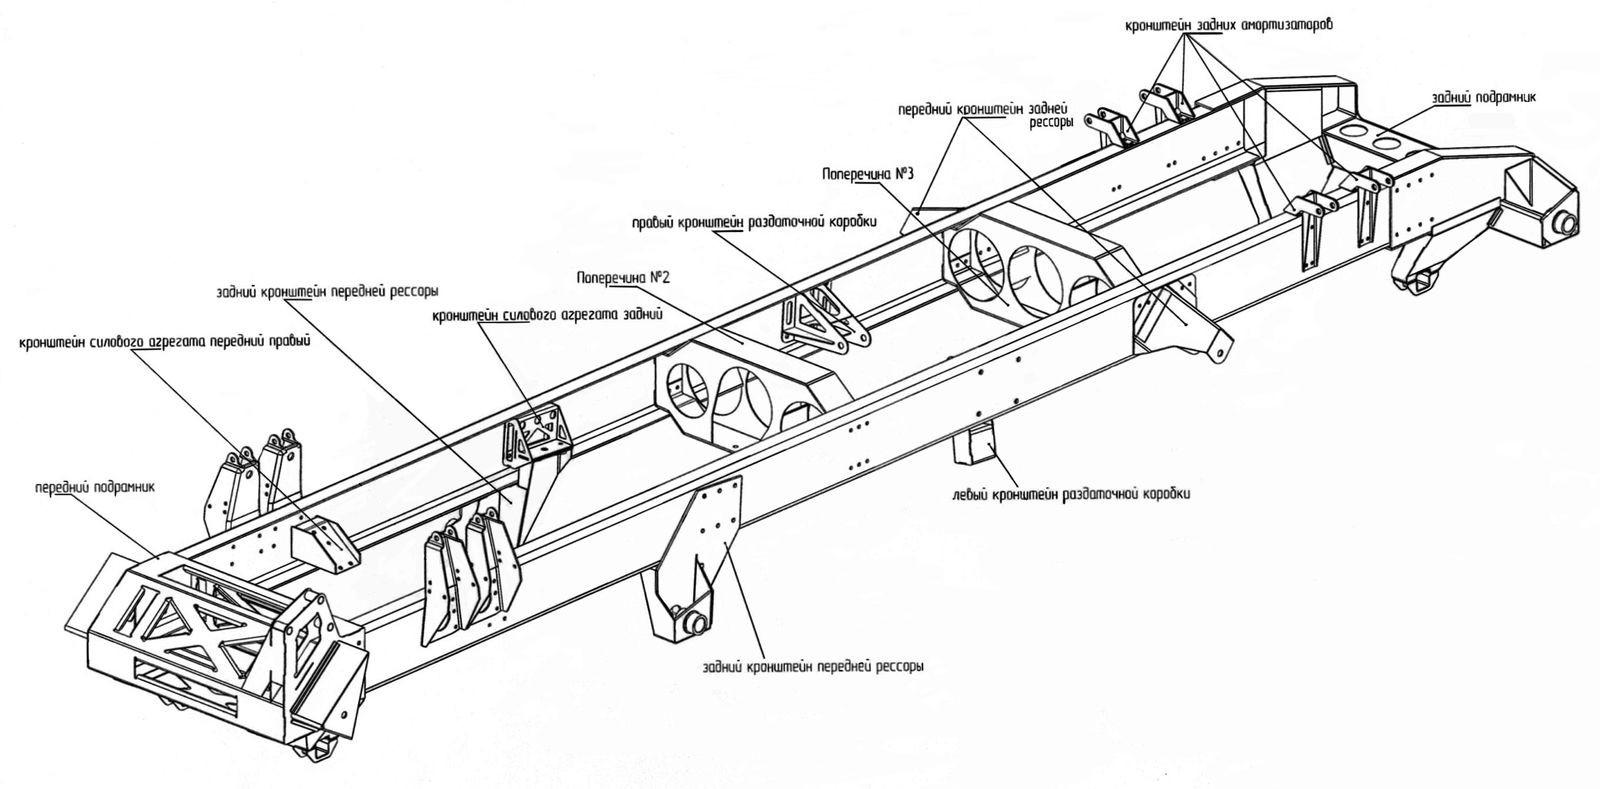 Из «Клопа» в «Фалькатус»: как разработка умирающего ЗИЛа стала секретным броневиком ФСБ